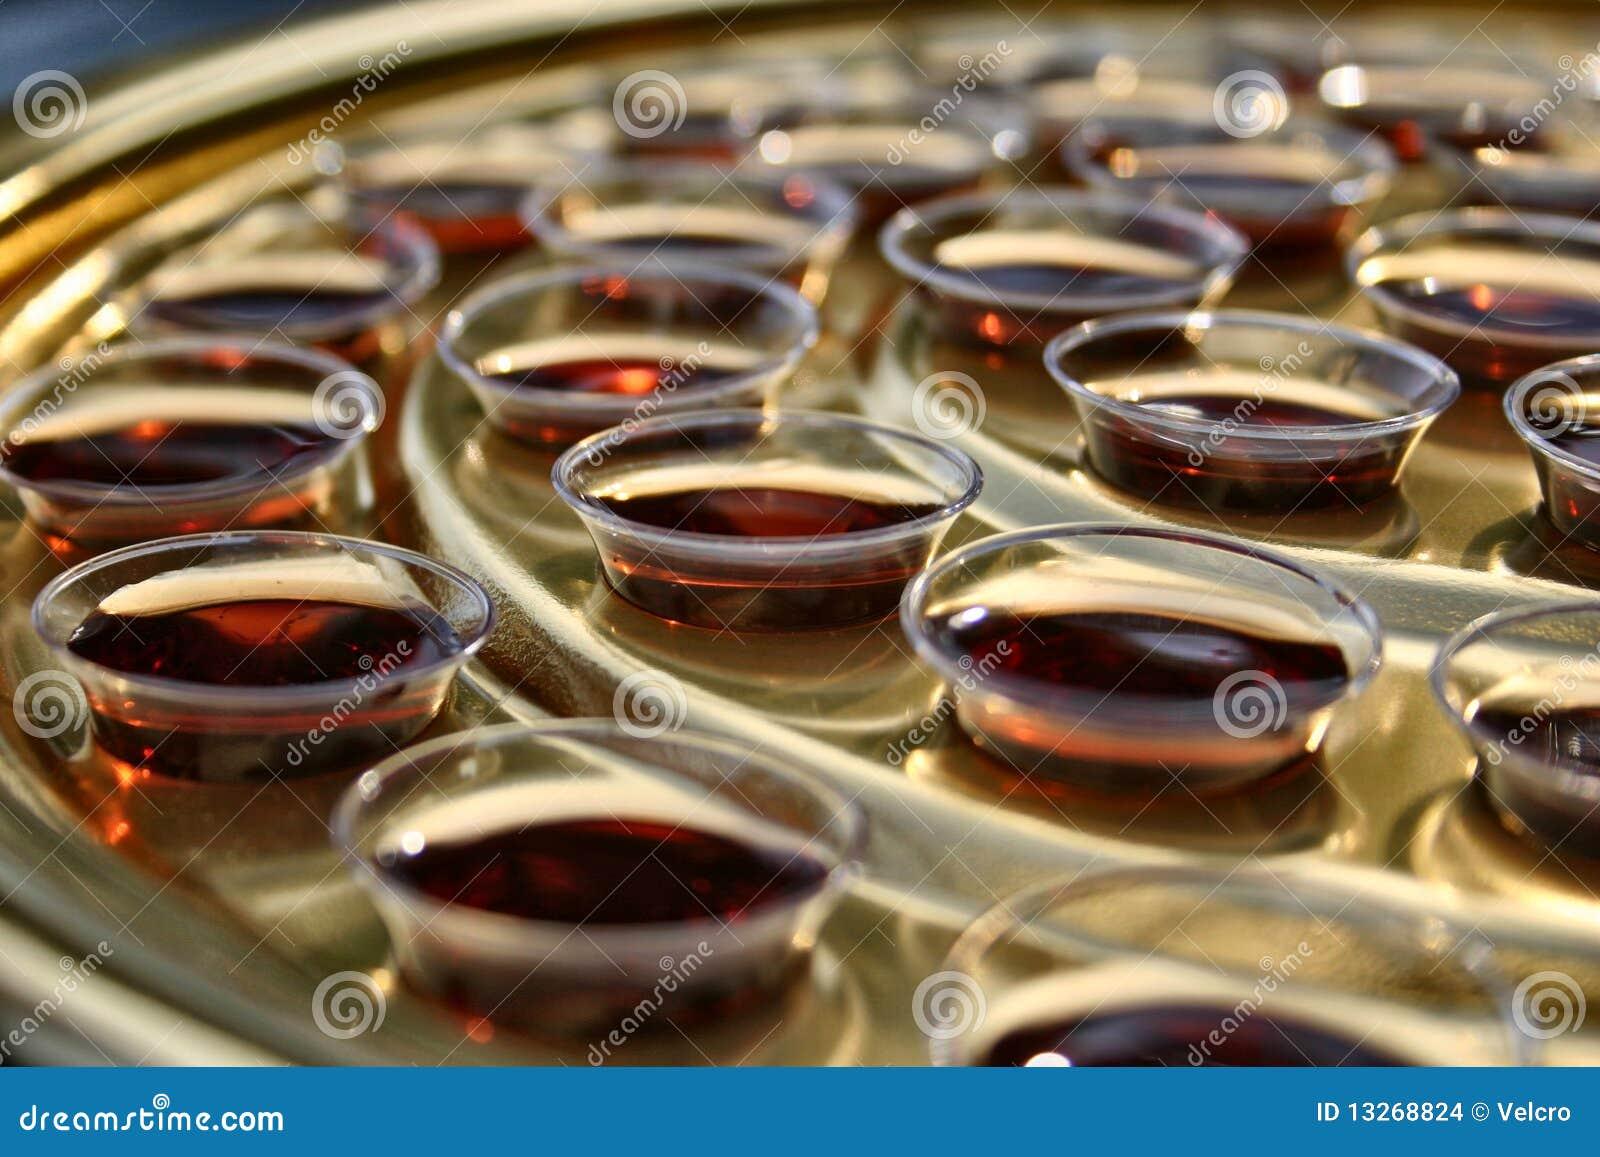 Communion Wine ... Clipart Communion Bread And Wine